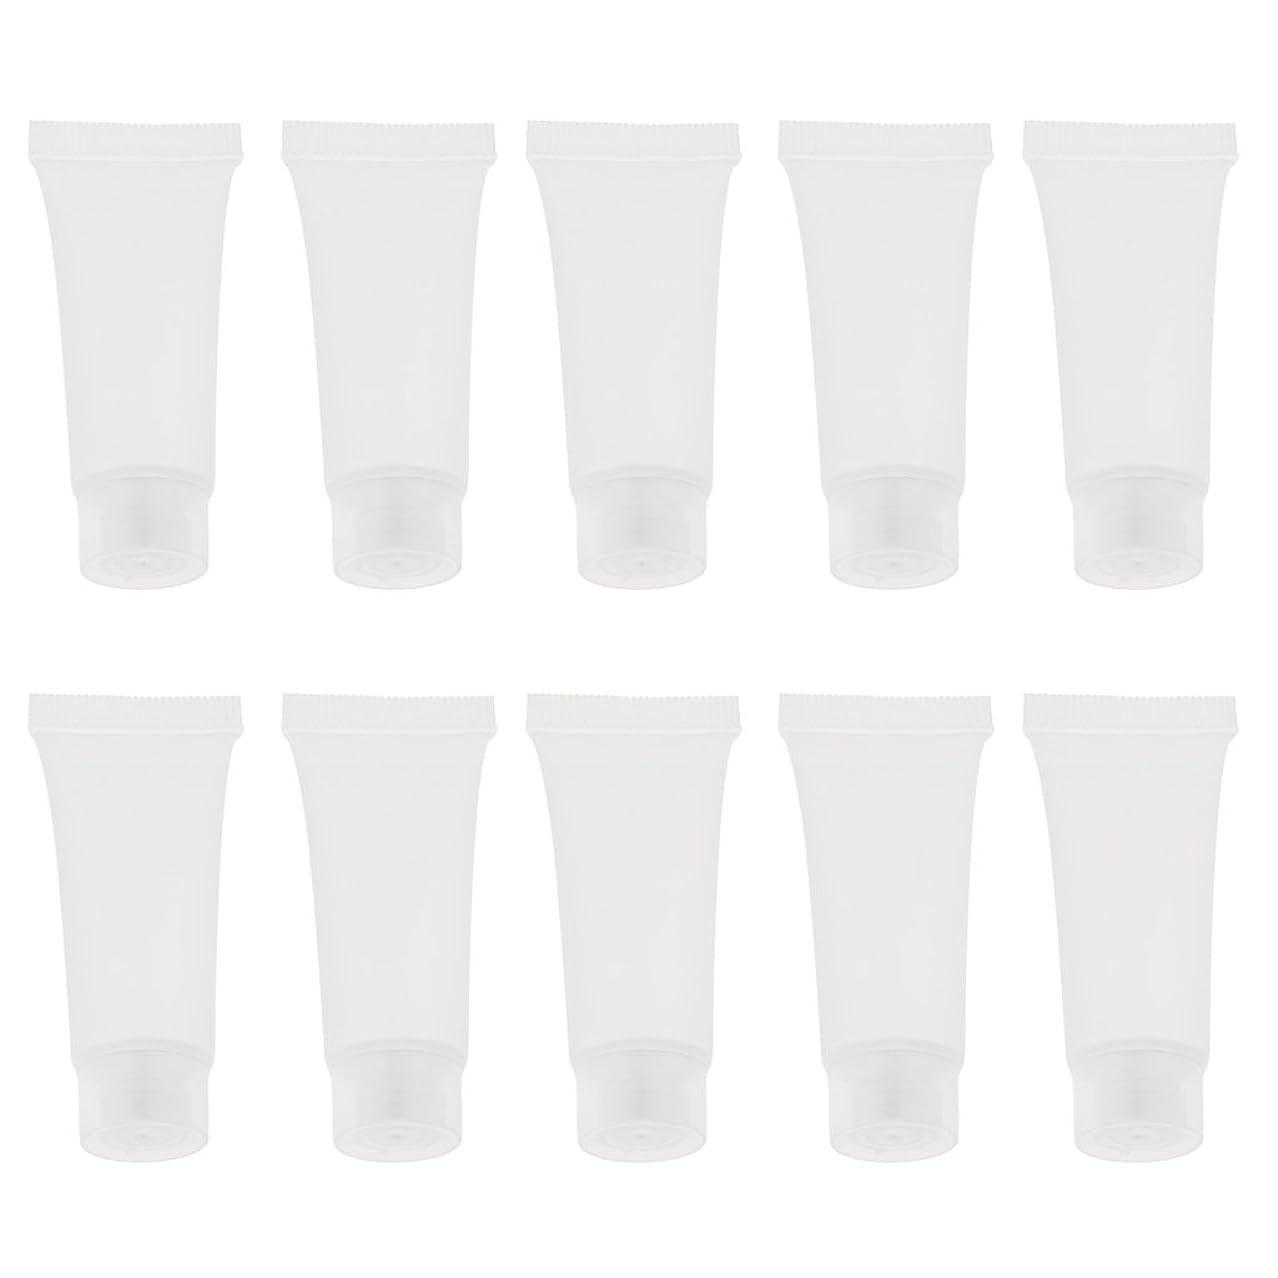 味わうボーダークアッガBaosity 10個 空チューブ クリームチューブ 空ボトル コスメ 香水 オイル 詰替え DIY スキンケア 2サイズ選べる - 10g